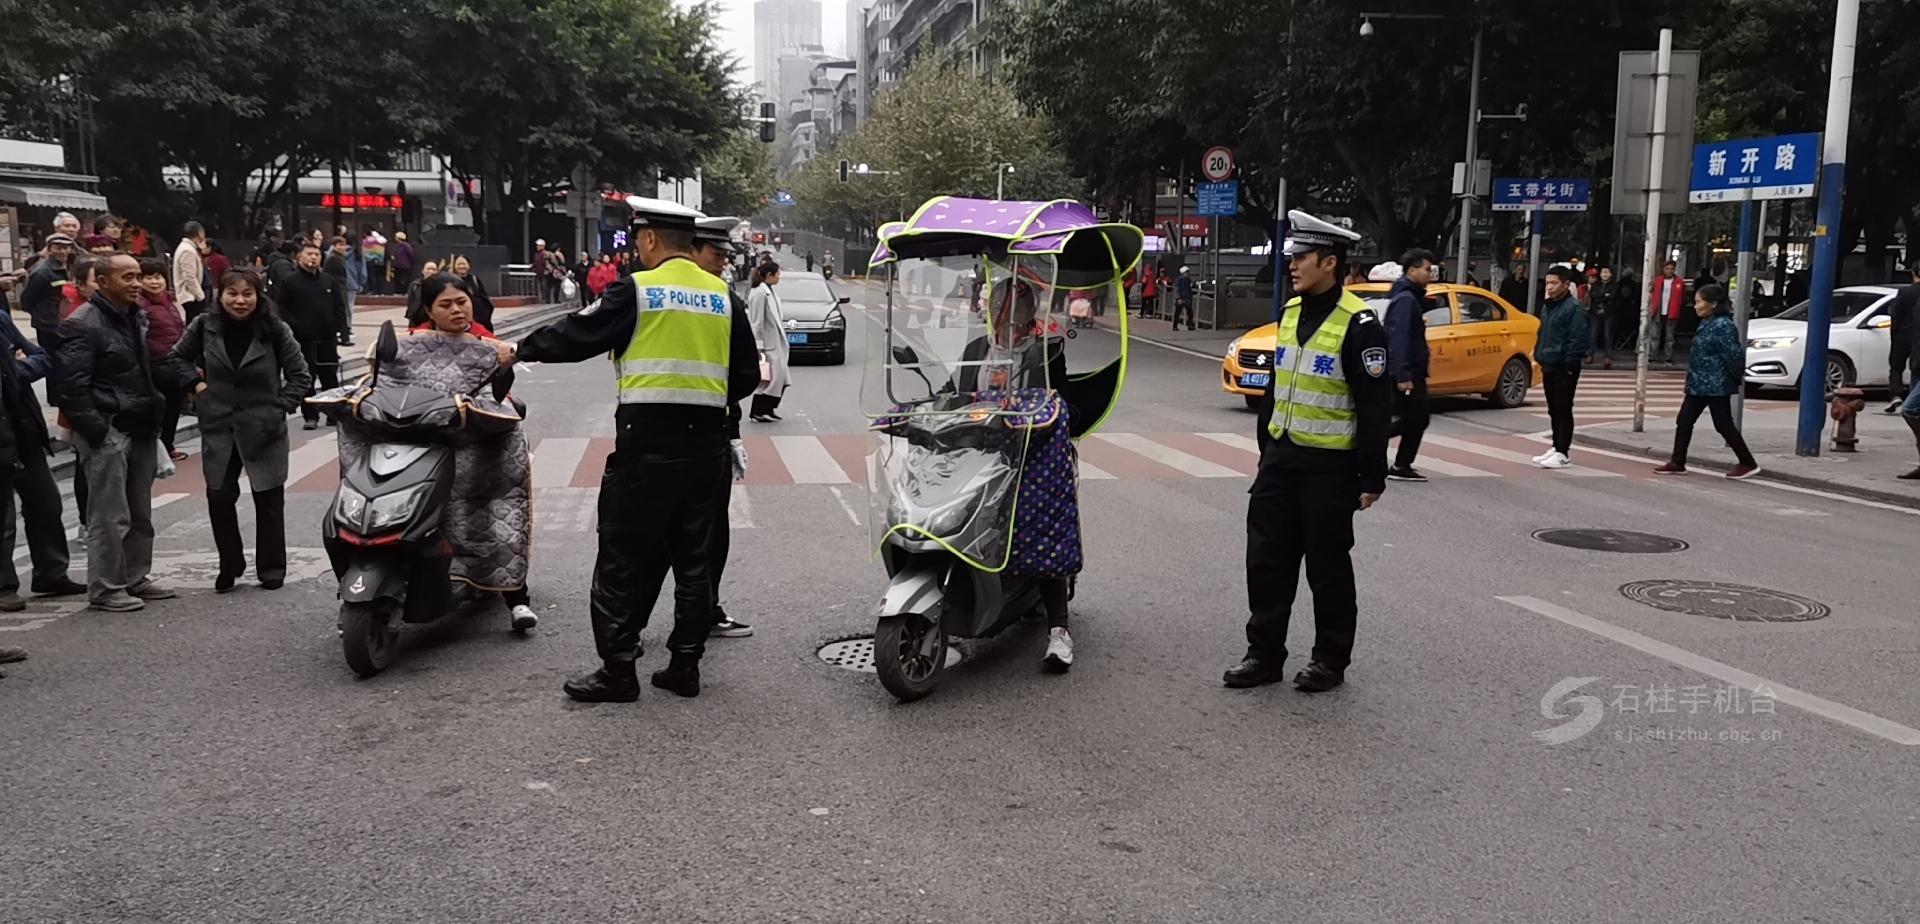 石柱县处罚电动自行车交通违法行为 首日开罚单93张